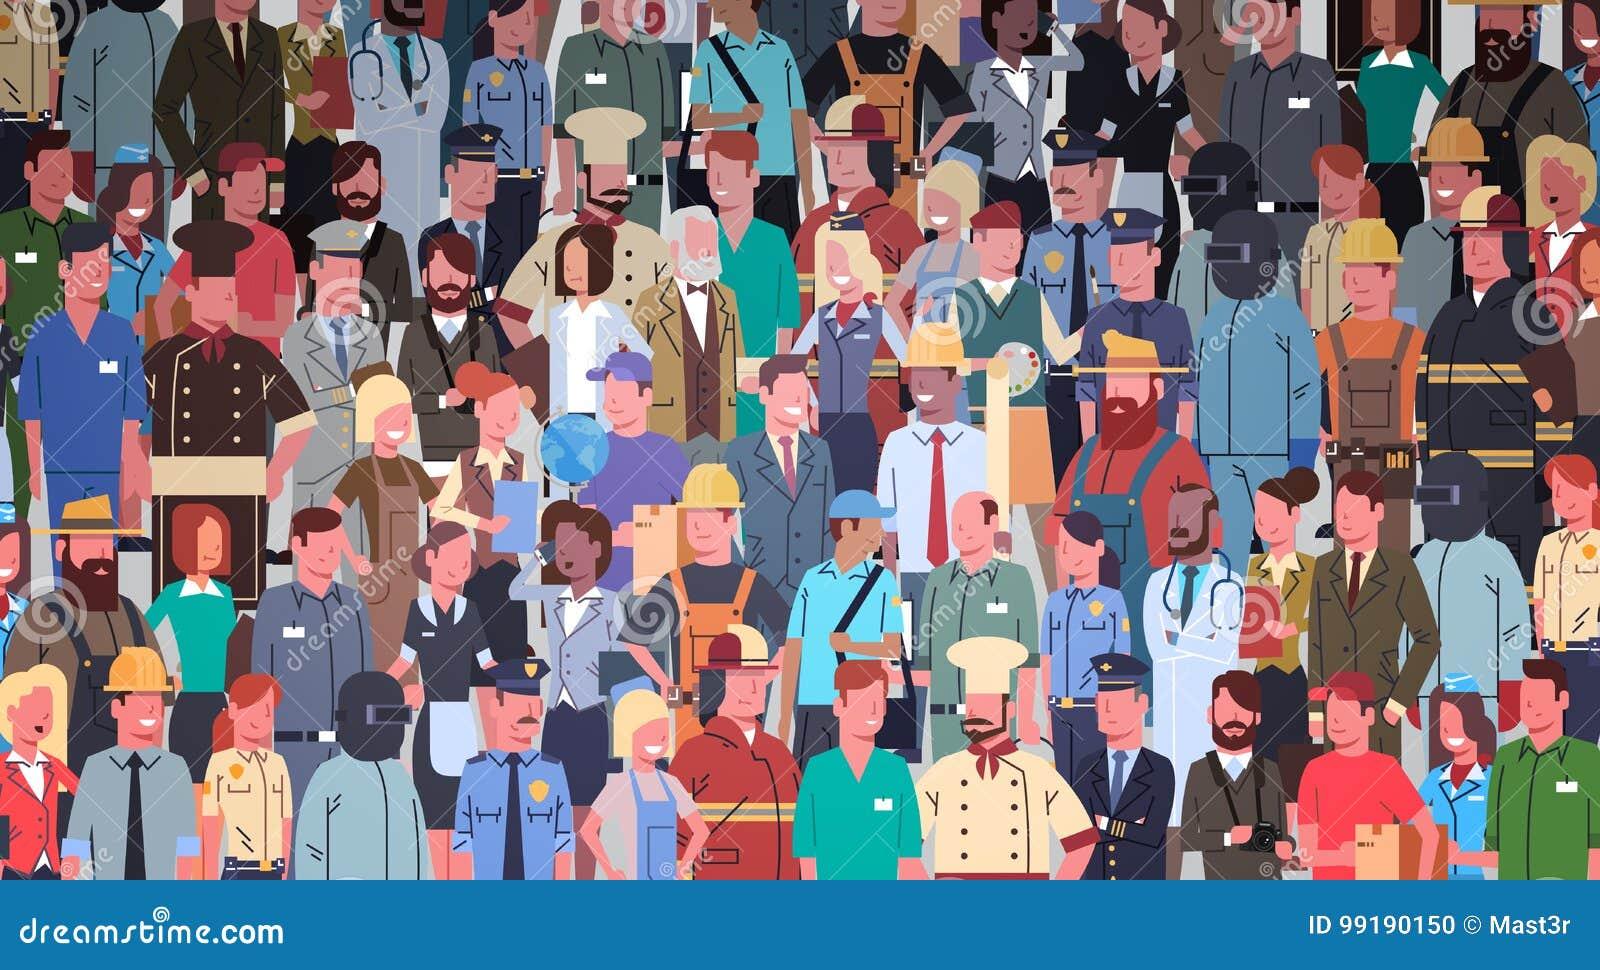 人们编组另外职业集合,雇员混合种族工作者横幅